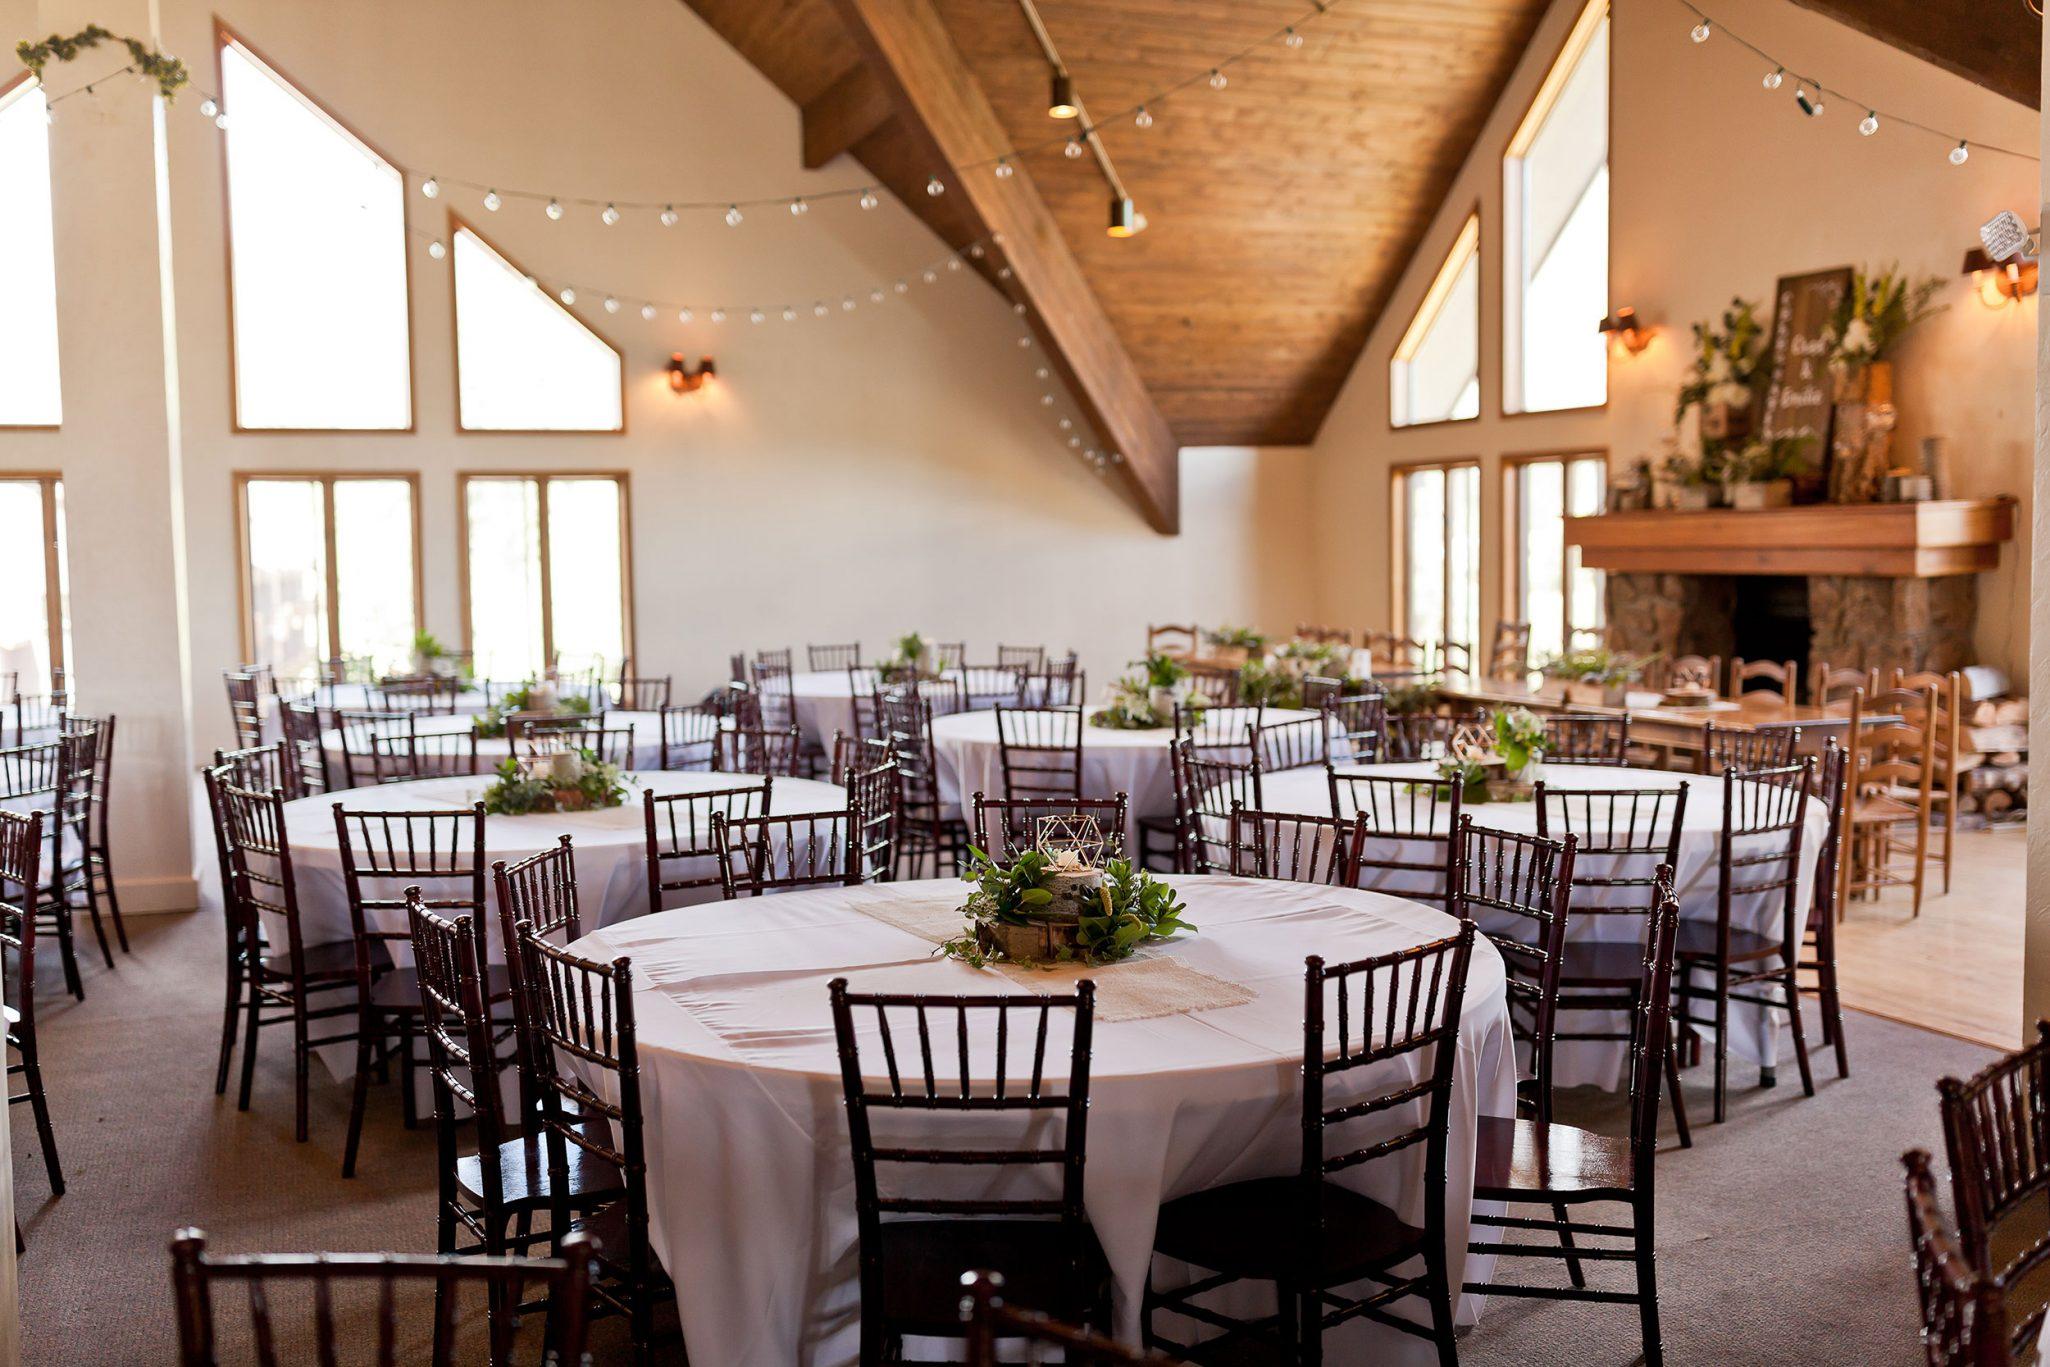 Cascade Village Wedding Reception Venue